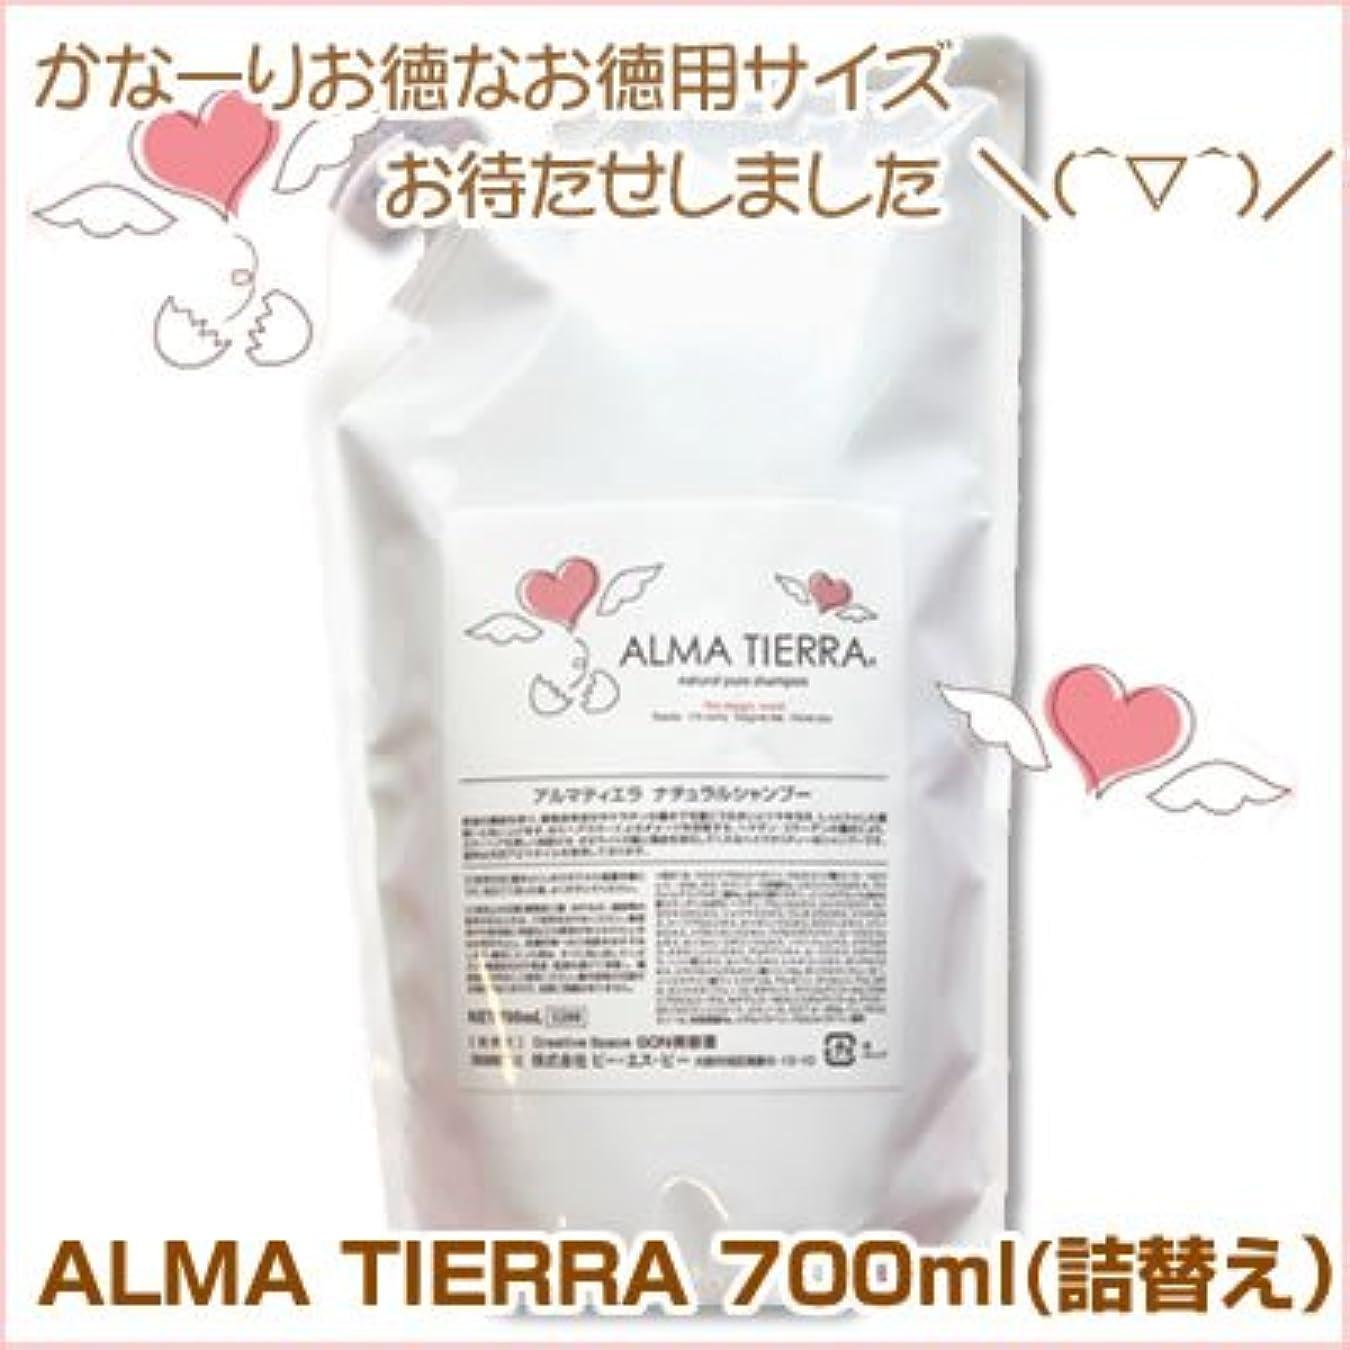 胸クリア蒸発アルマティエラ ナチュラルピュアシャンプー 700ml(詰替え) サロン専売品